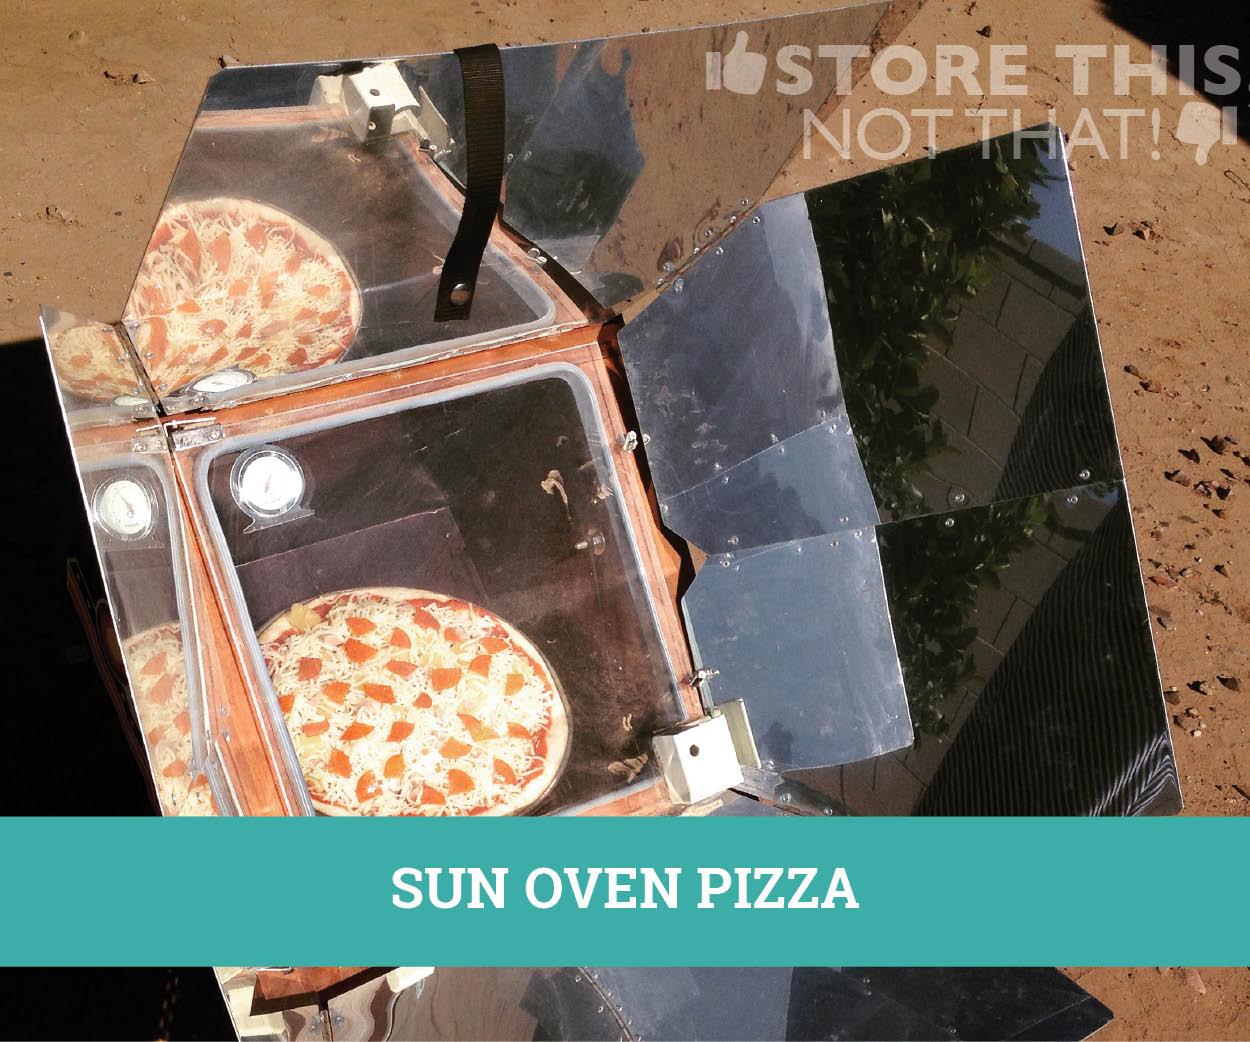 SUN OVEN PIZZA